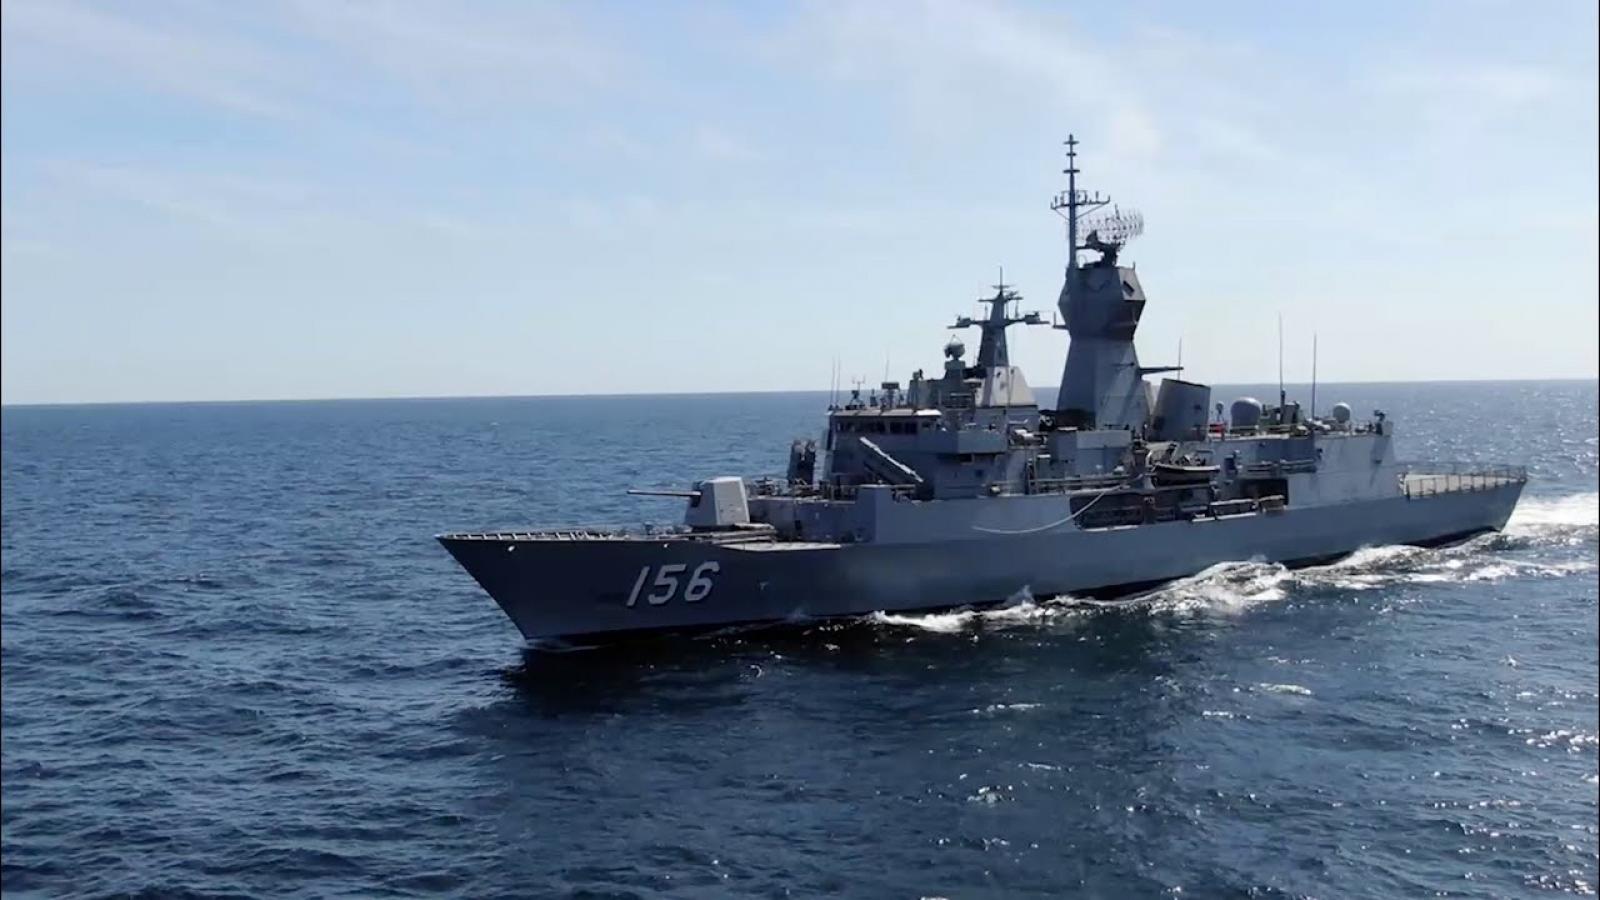 Australia chấm dứt hiện diện tại Trung Đông để tập trung vào Ấn Độ-Thái Bình Dương